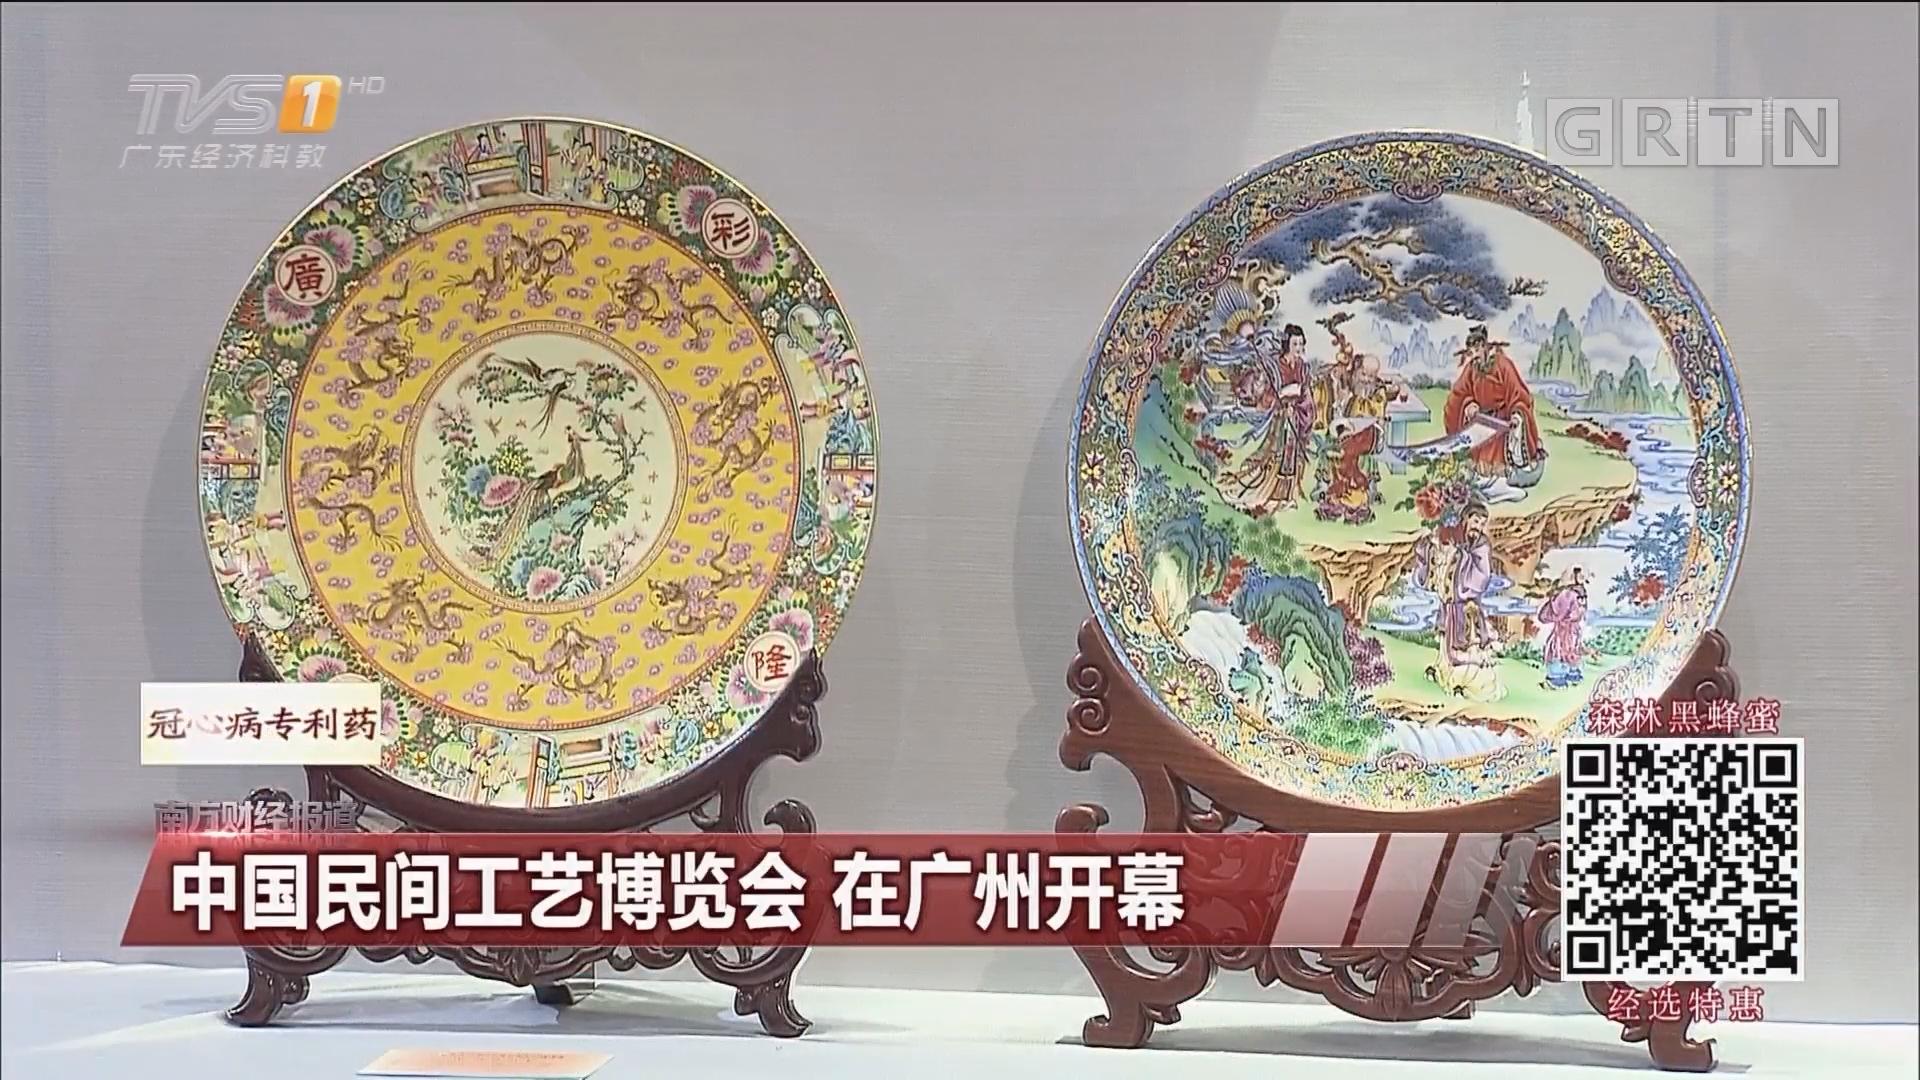 中国民间工艺博览会 在广州开幕